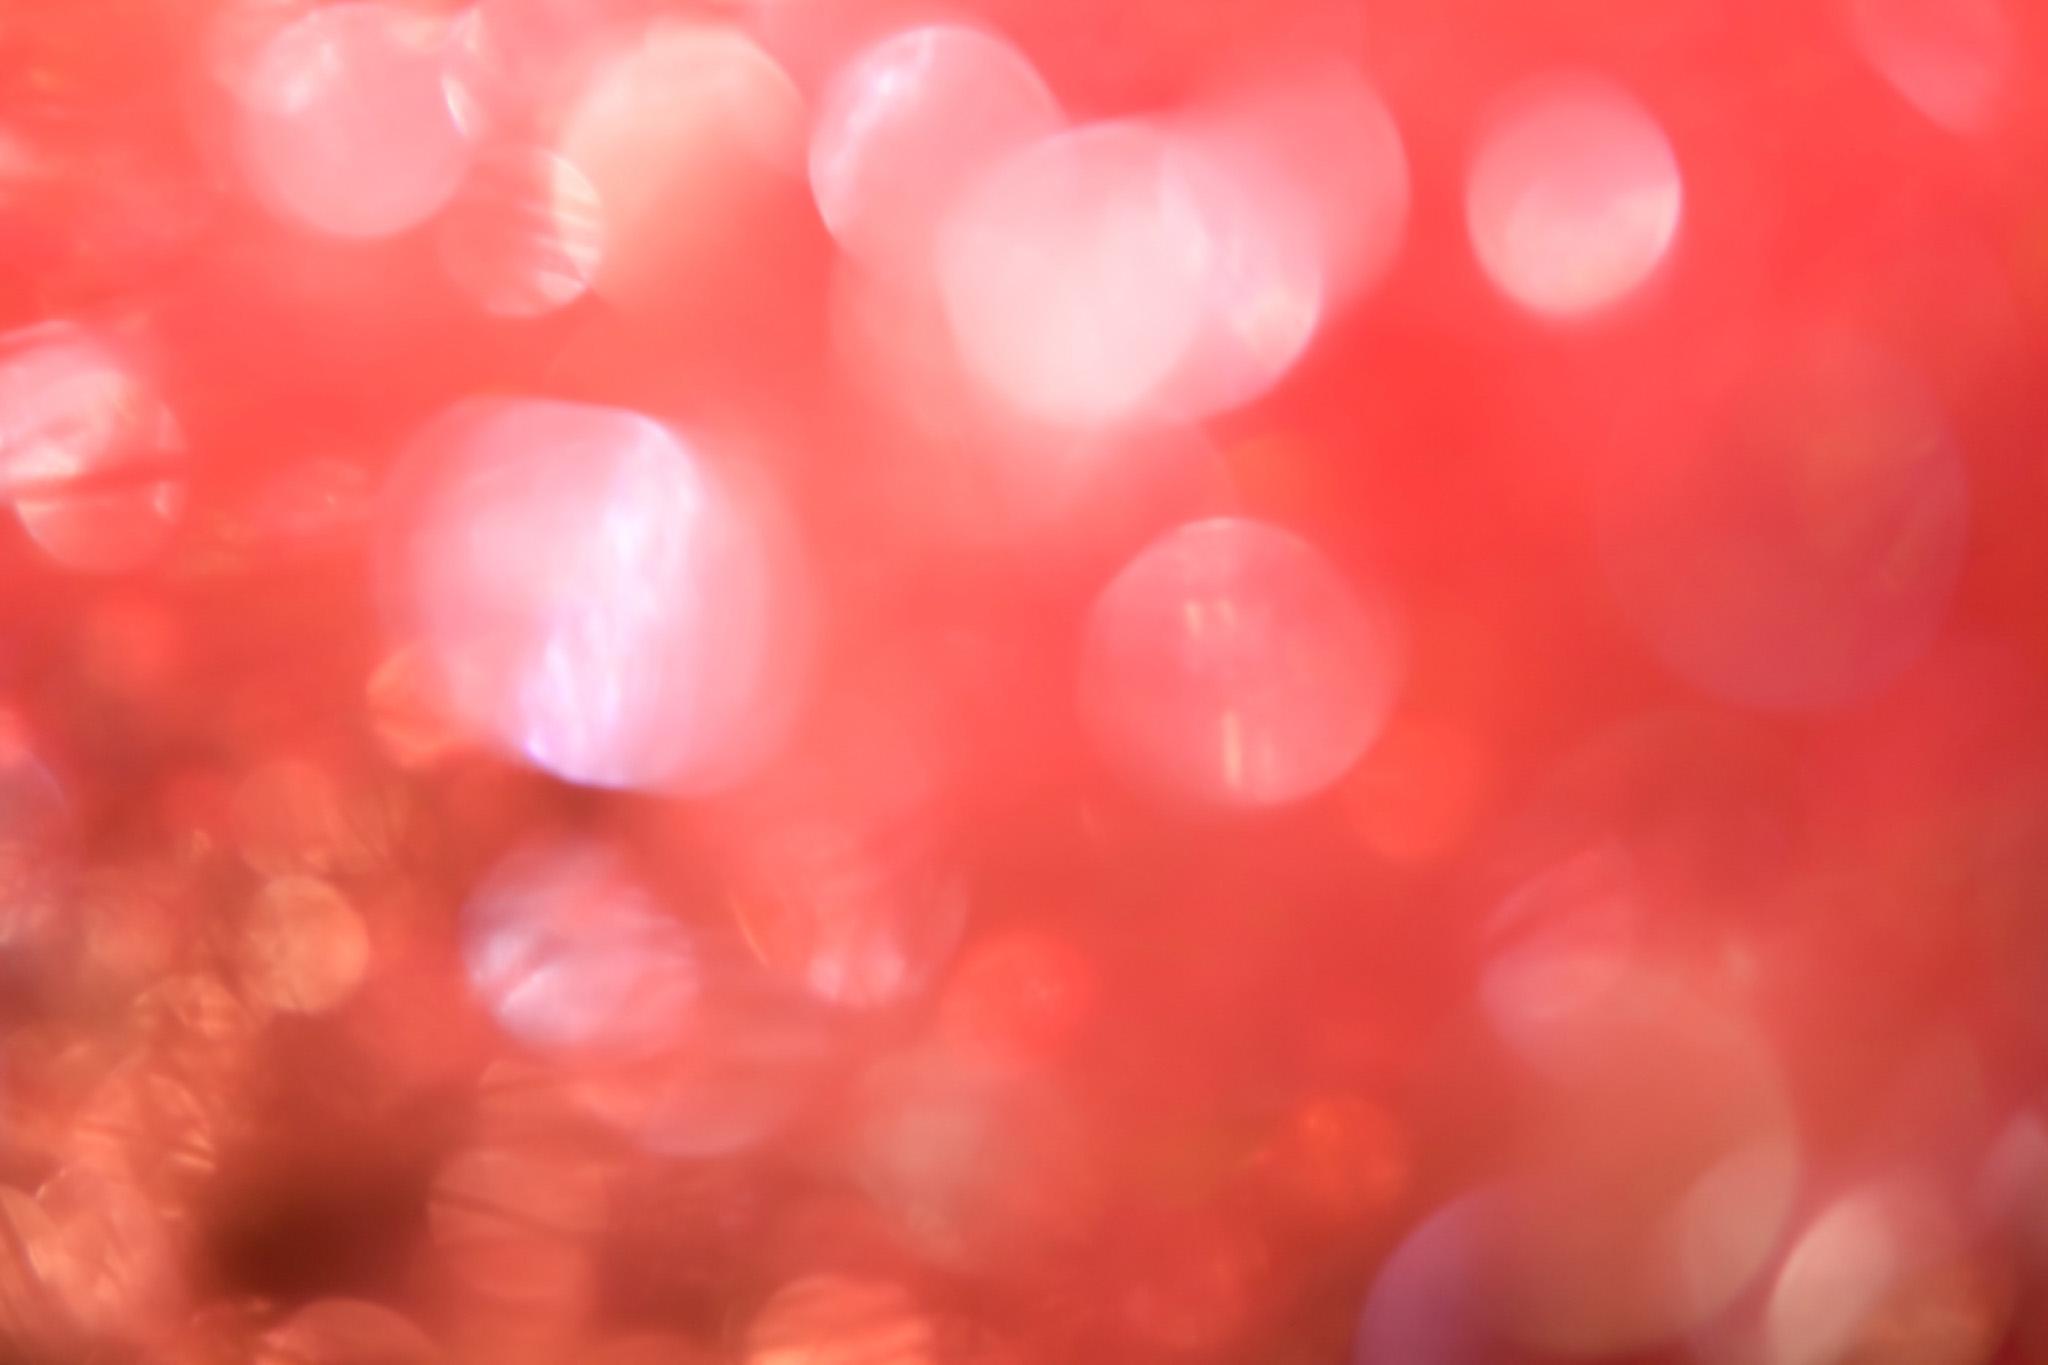 「揺れる赤い花のような光」の素材を無料ダウンロード